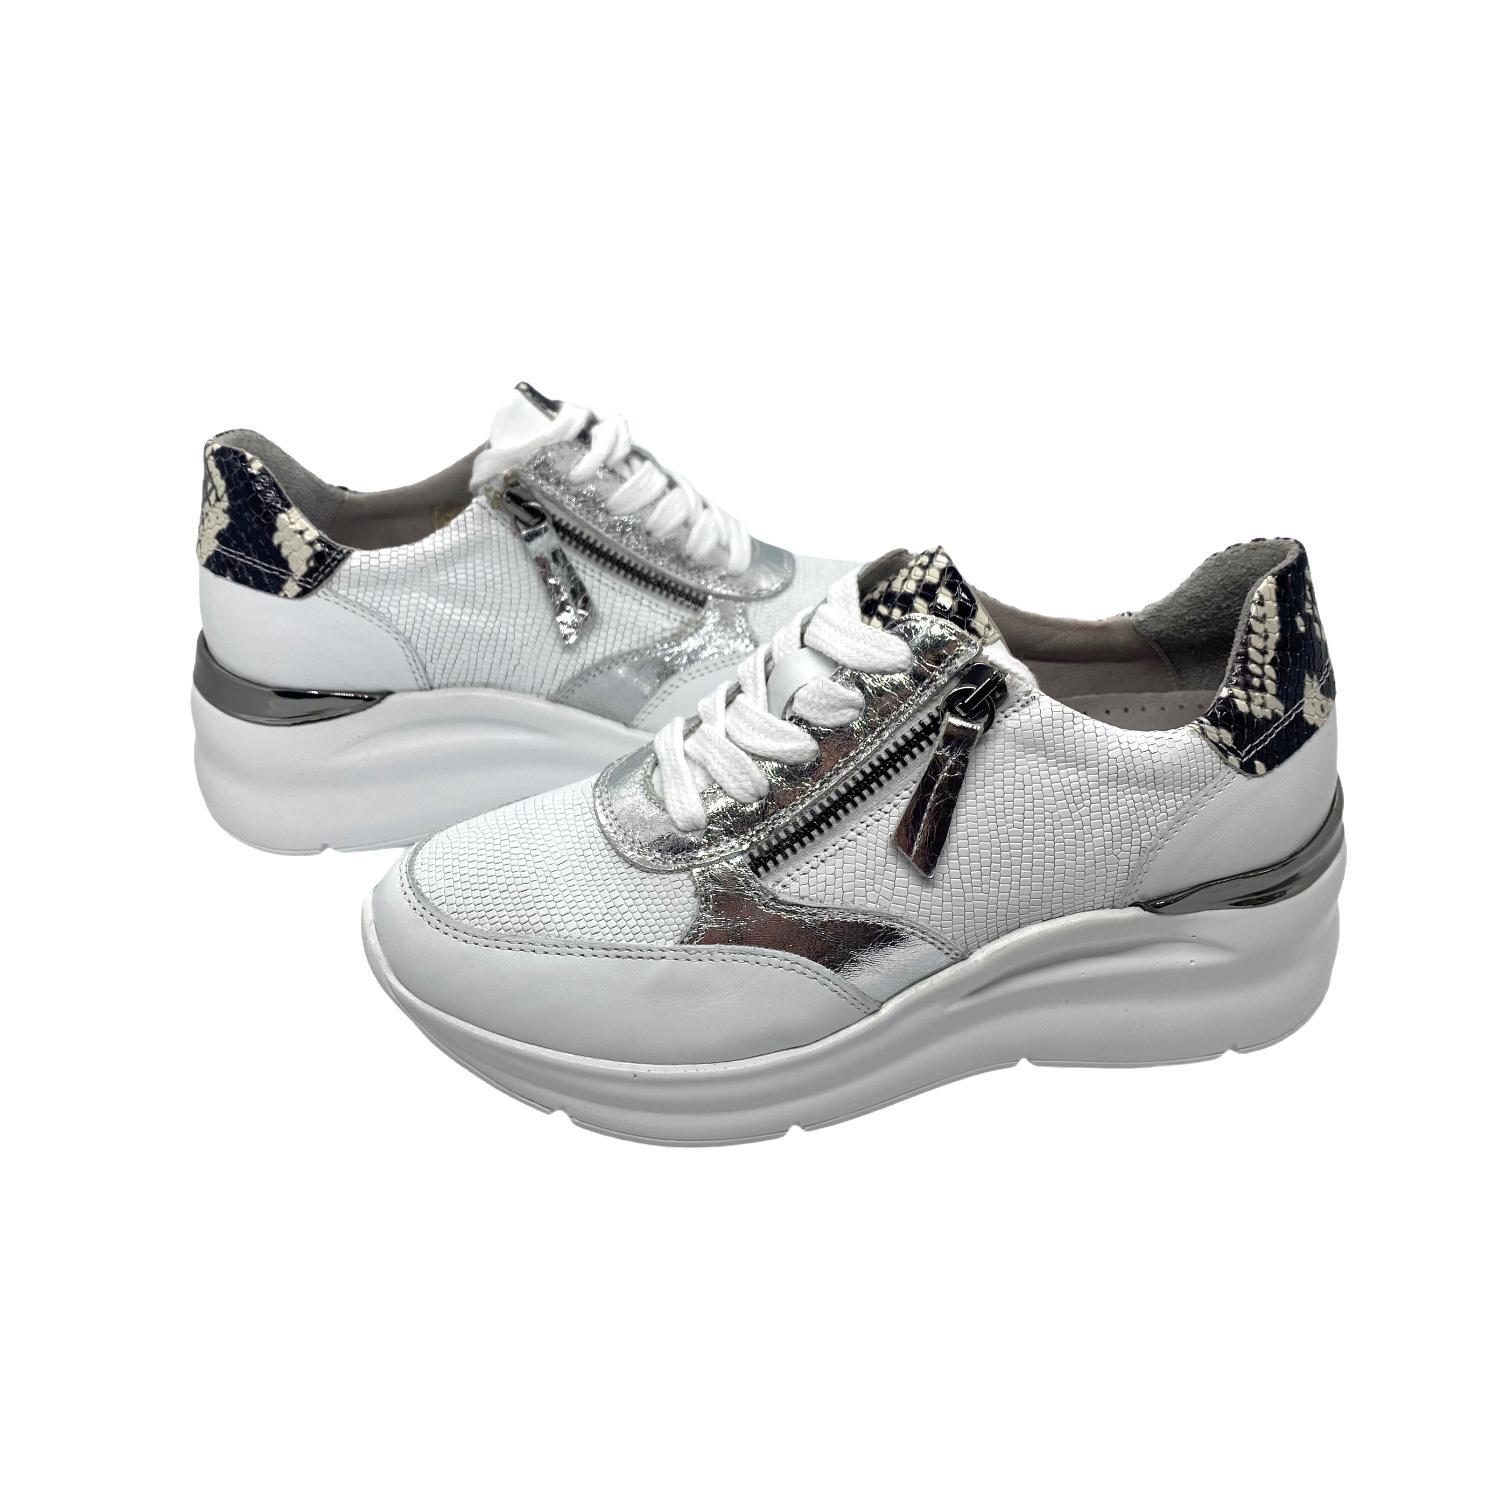 Pantofi sport albi combinat cu argintiu si fermoar